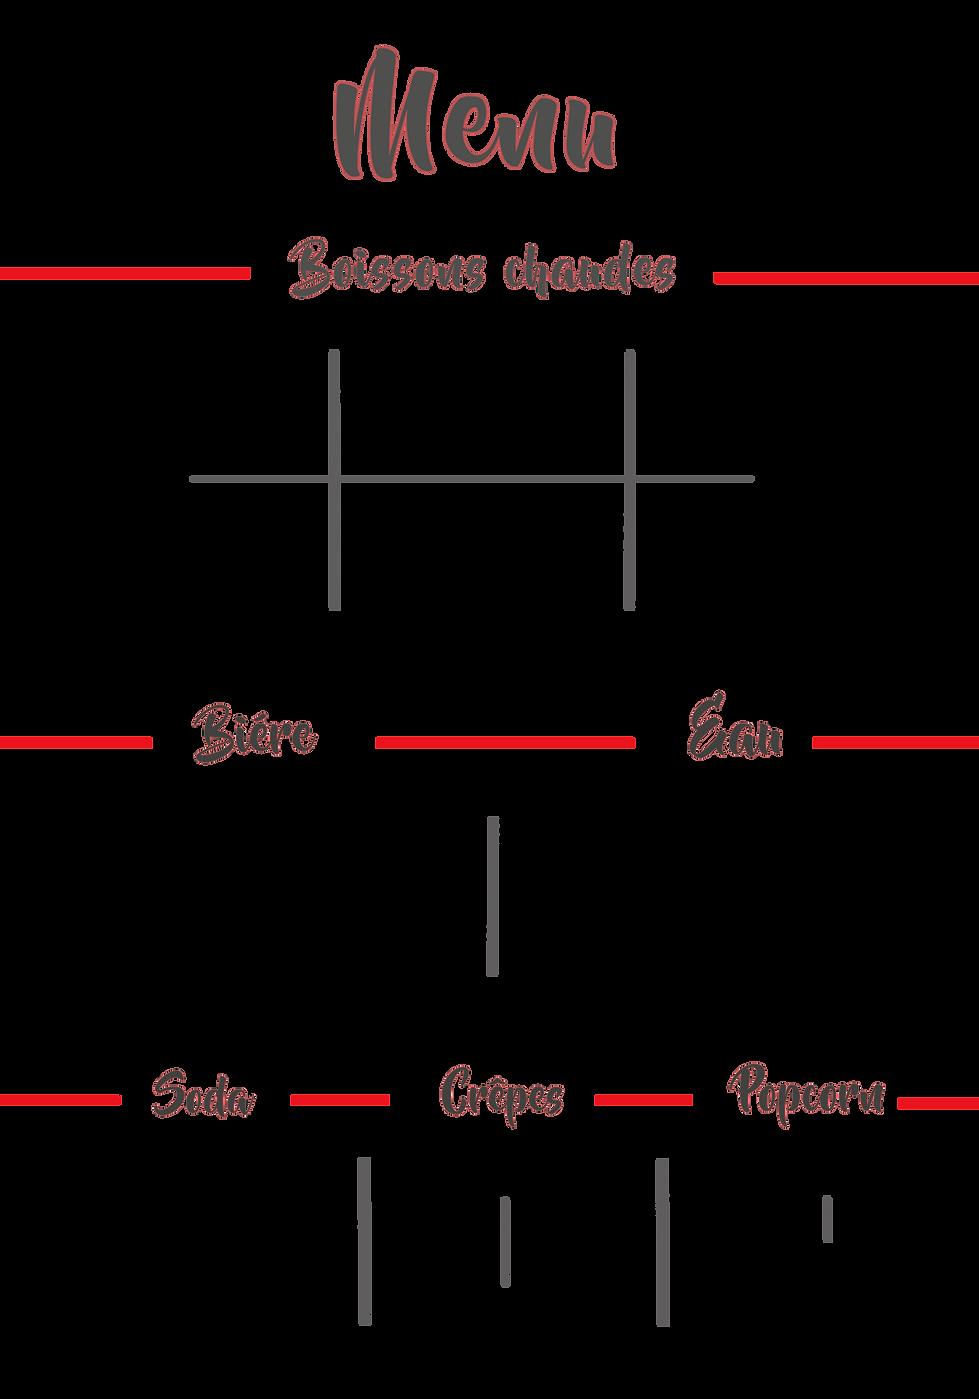 menu5 vertical.png